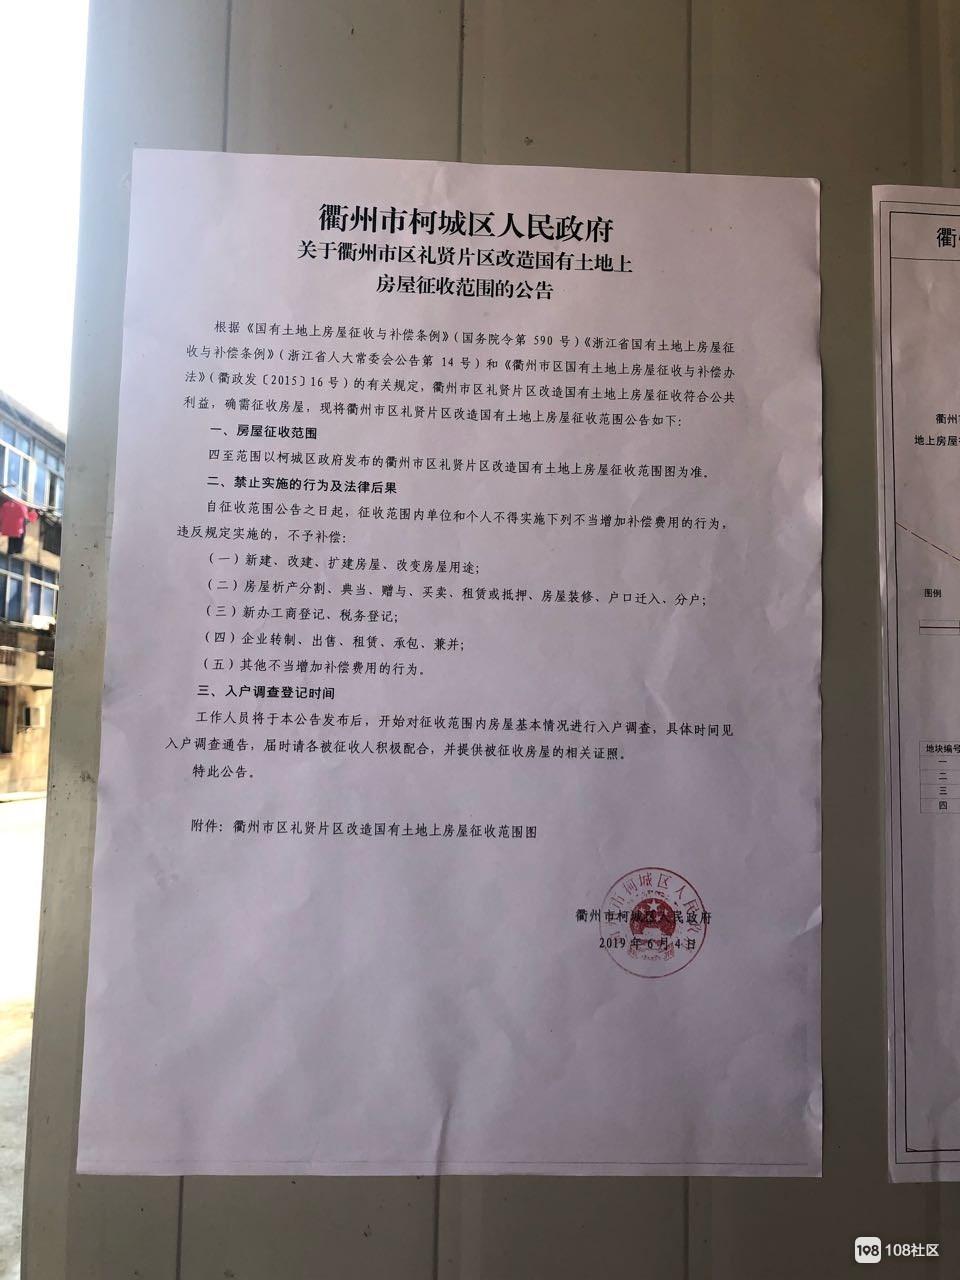 衢州这几个地方也要拆迁了,房屋征收公告已出!